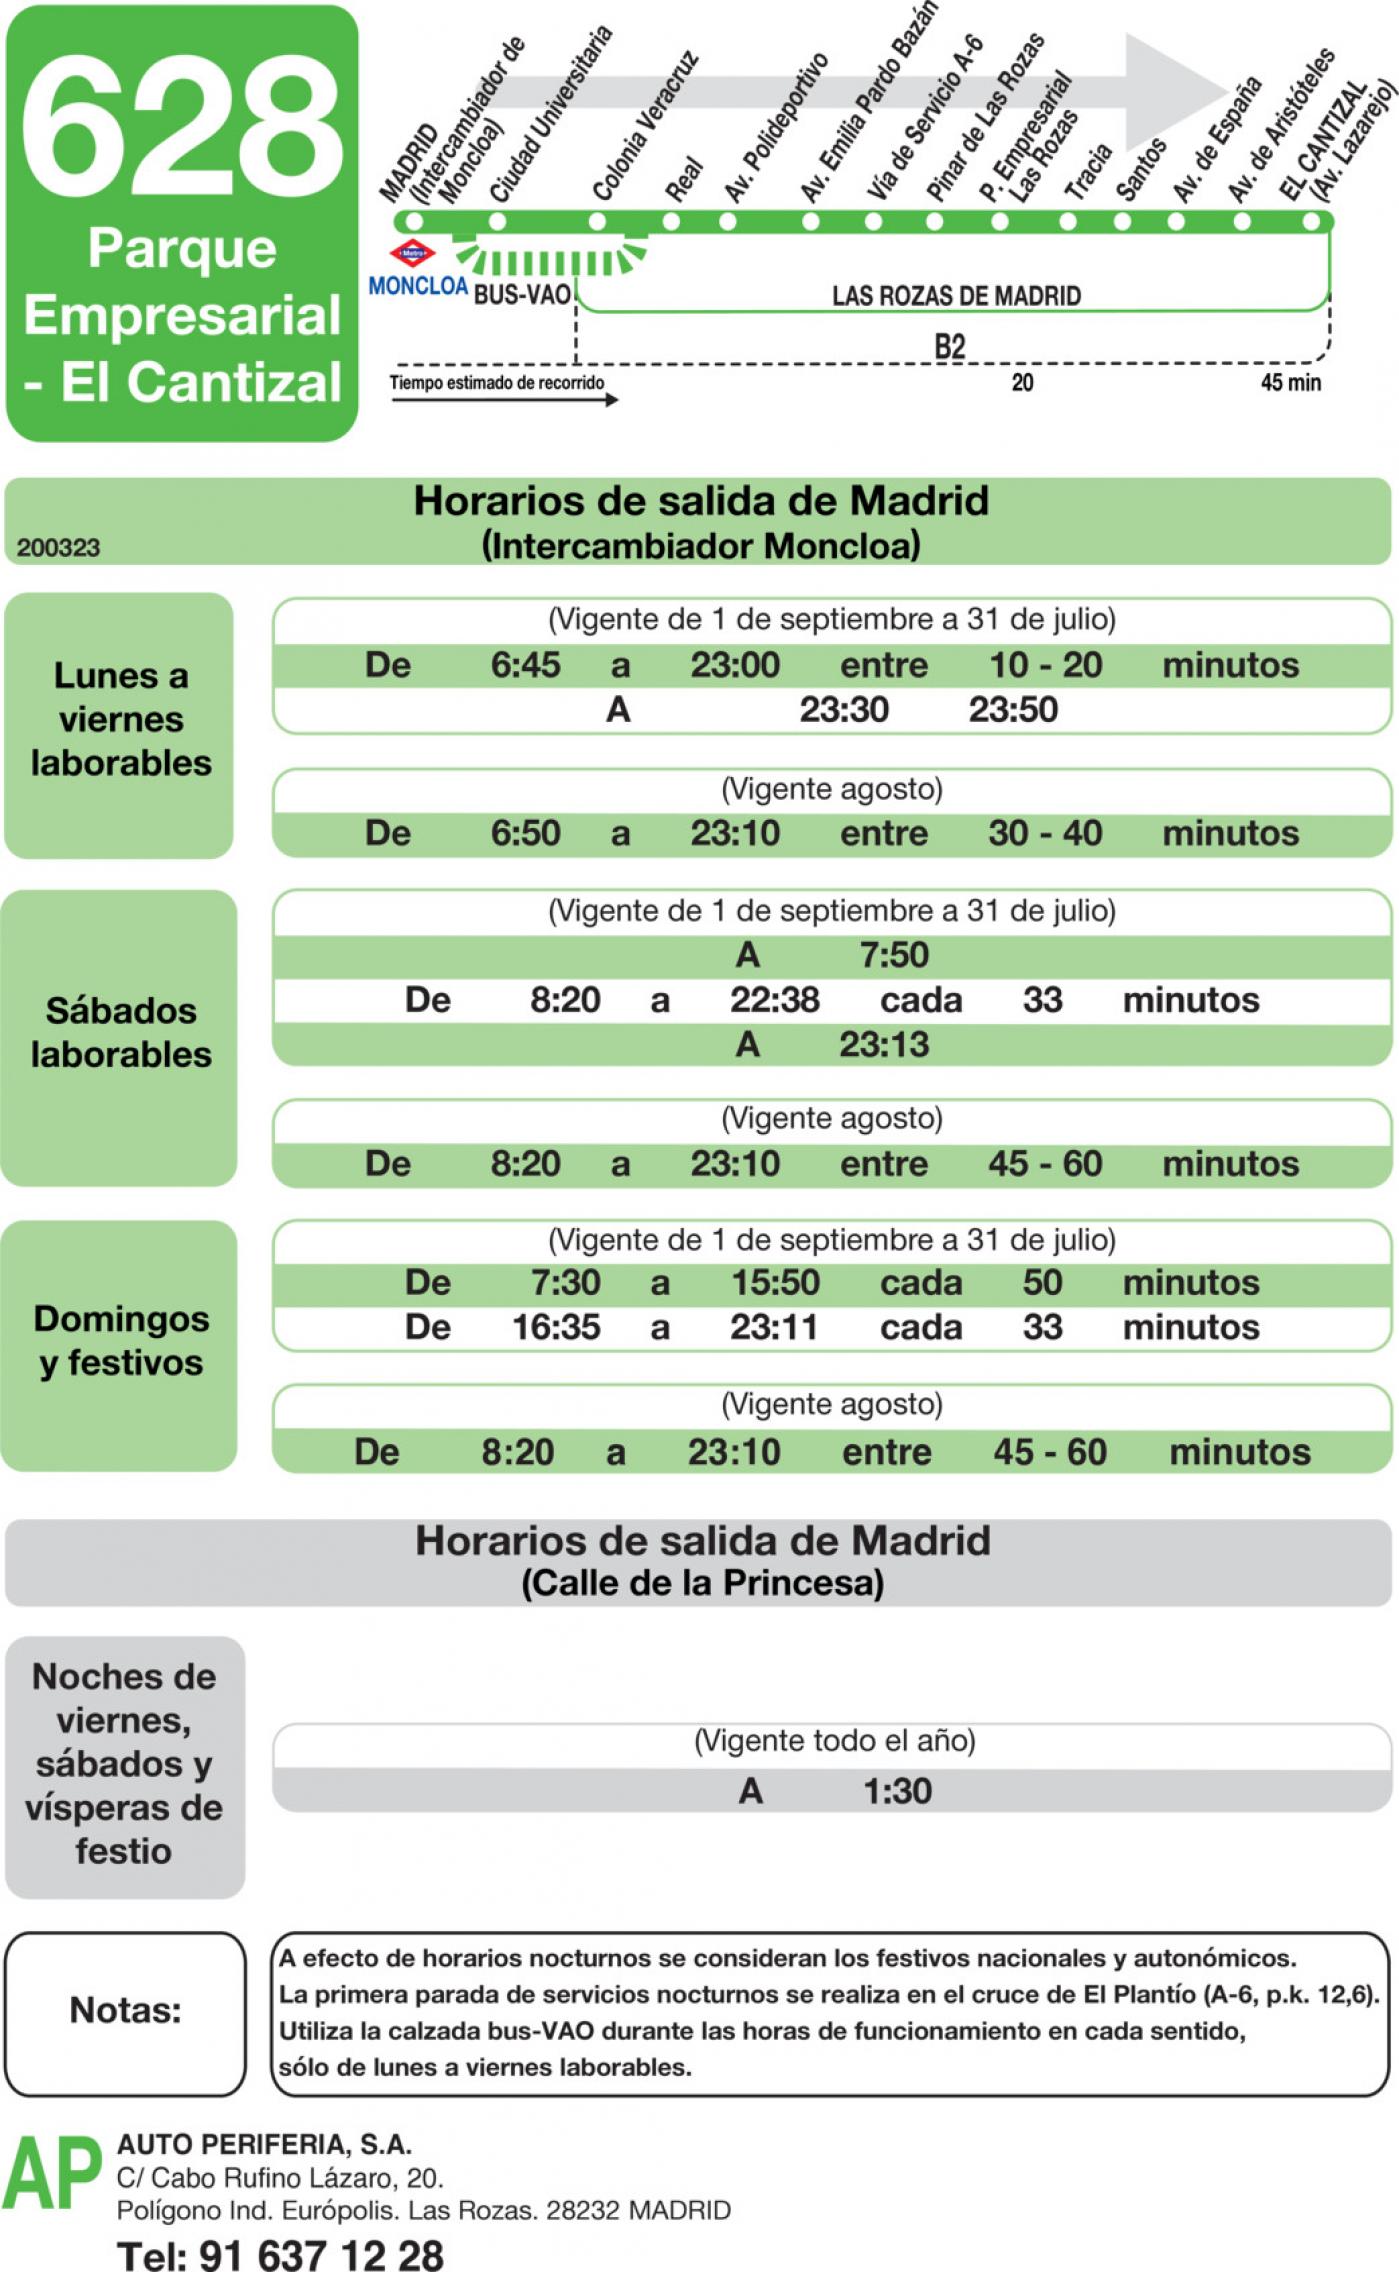 Tabla de horarios y frecuencias de paso en sentido ida Línea 628: Madrid (Moncloa) - Parque Empresarial - El Cantizal